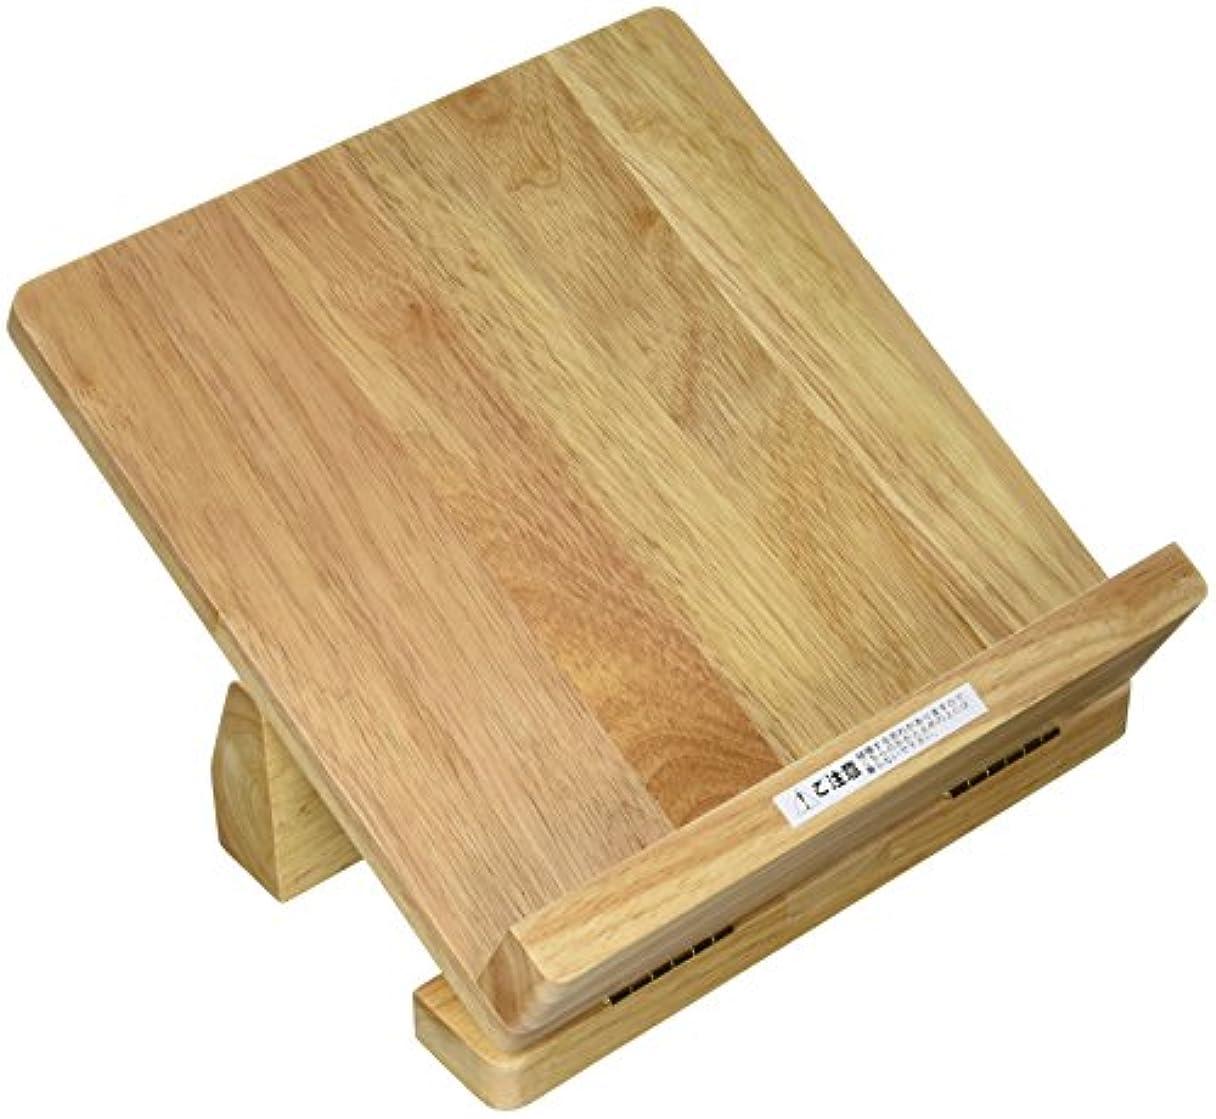 協定判定チェス足首のびのび 木製ストレッチボード